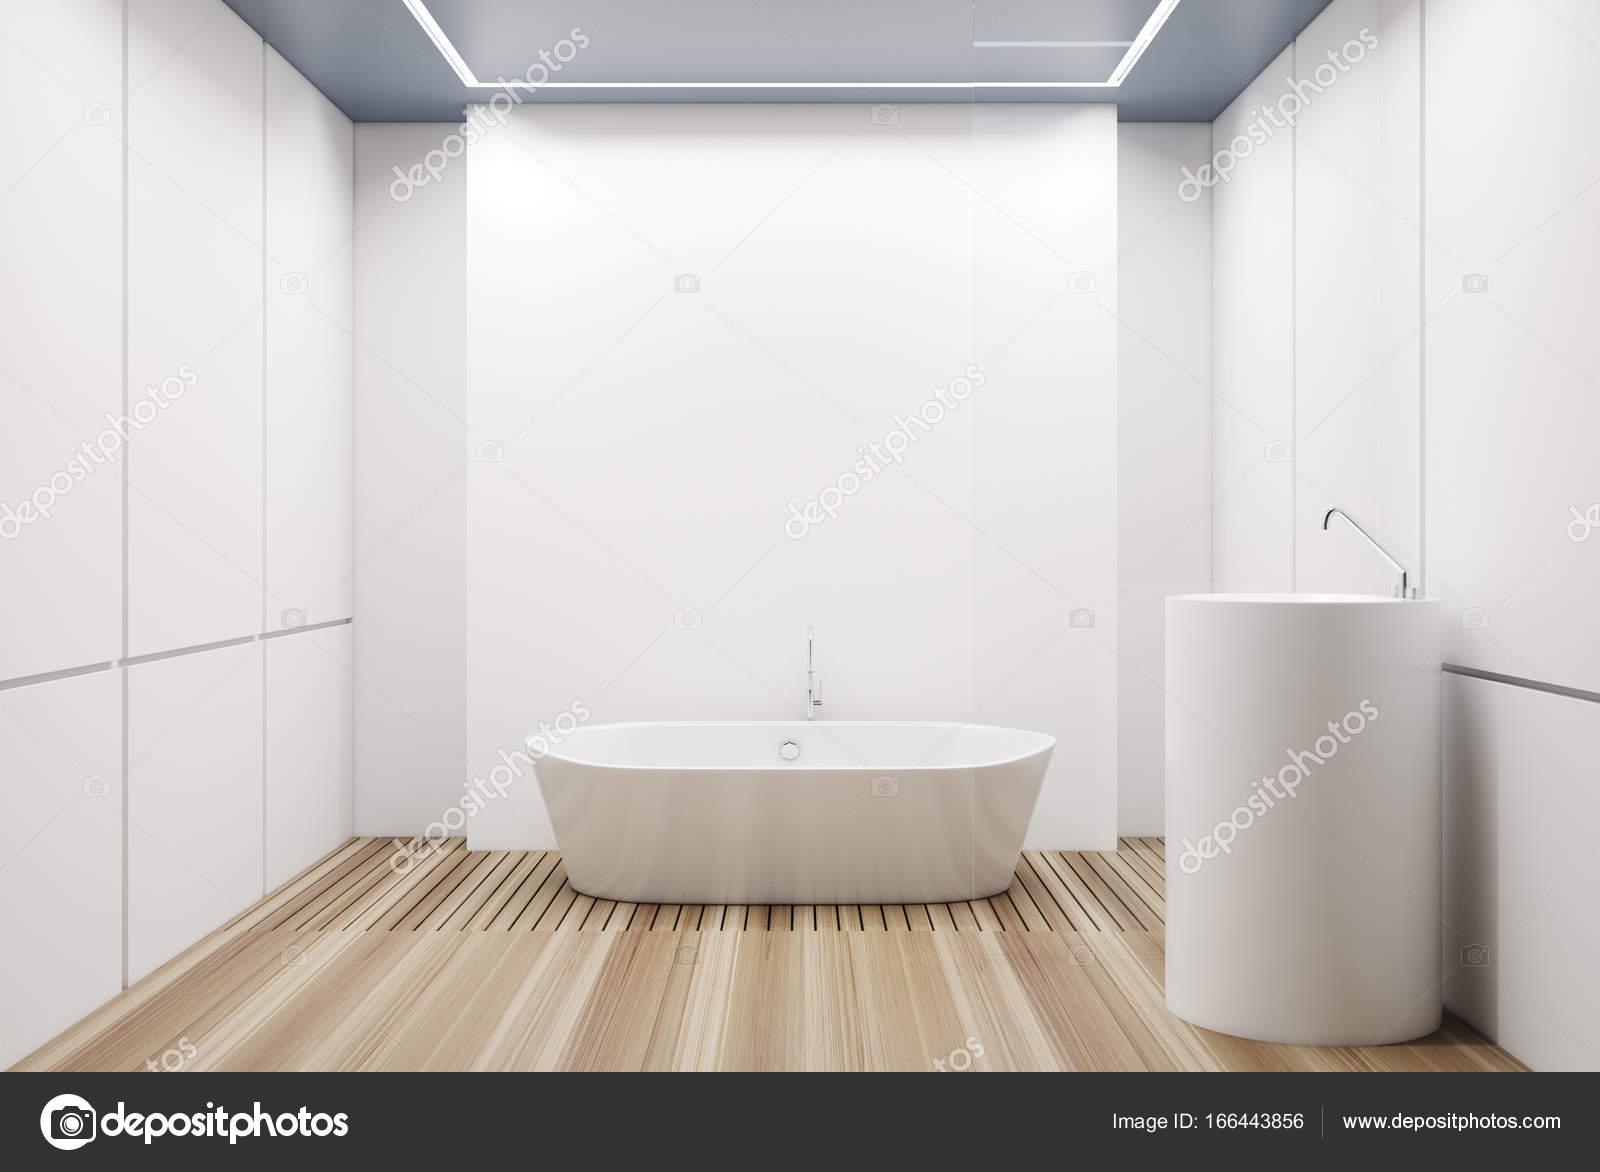 Vasca da bagno bianco con piastrelle bianche u2014 foto stock